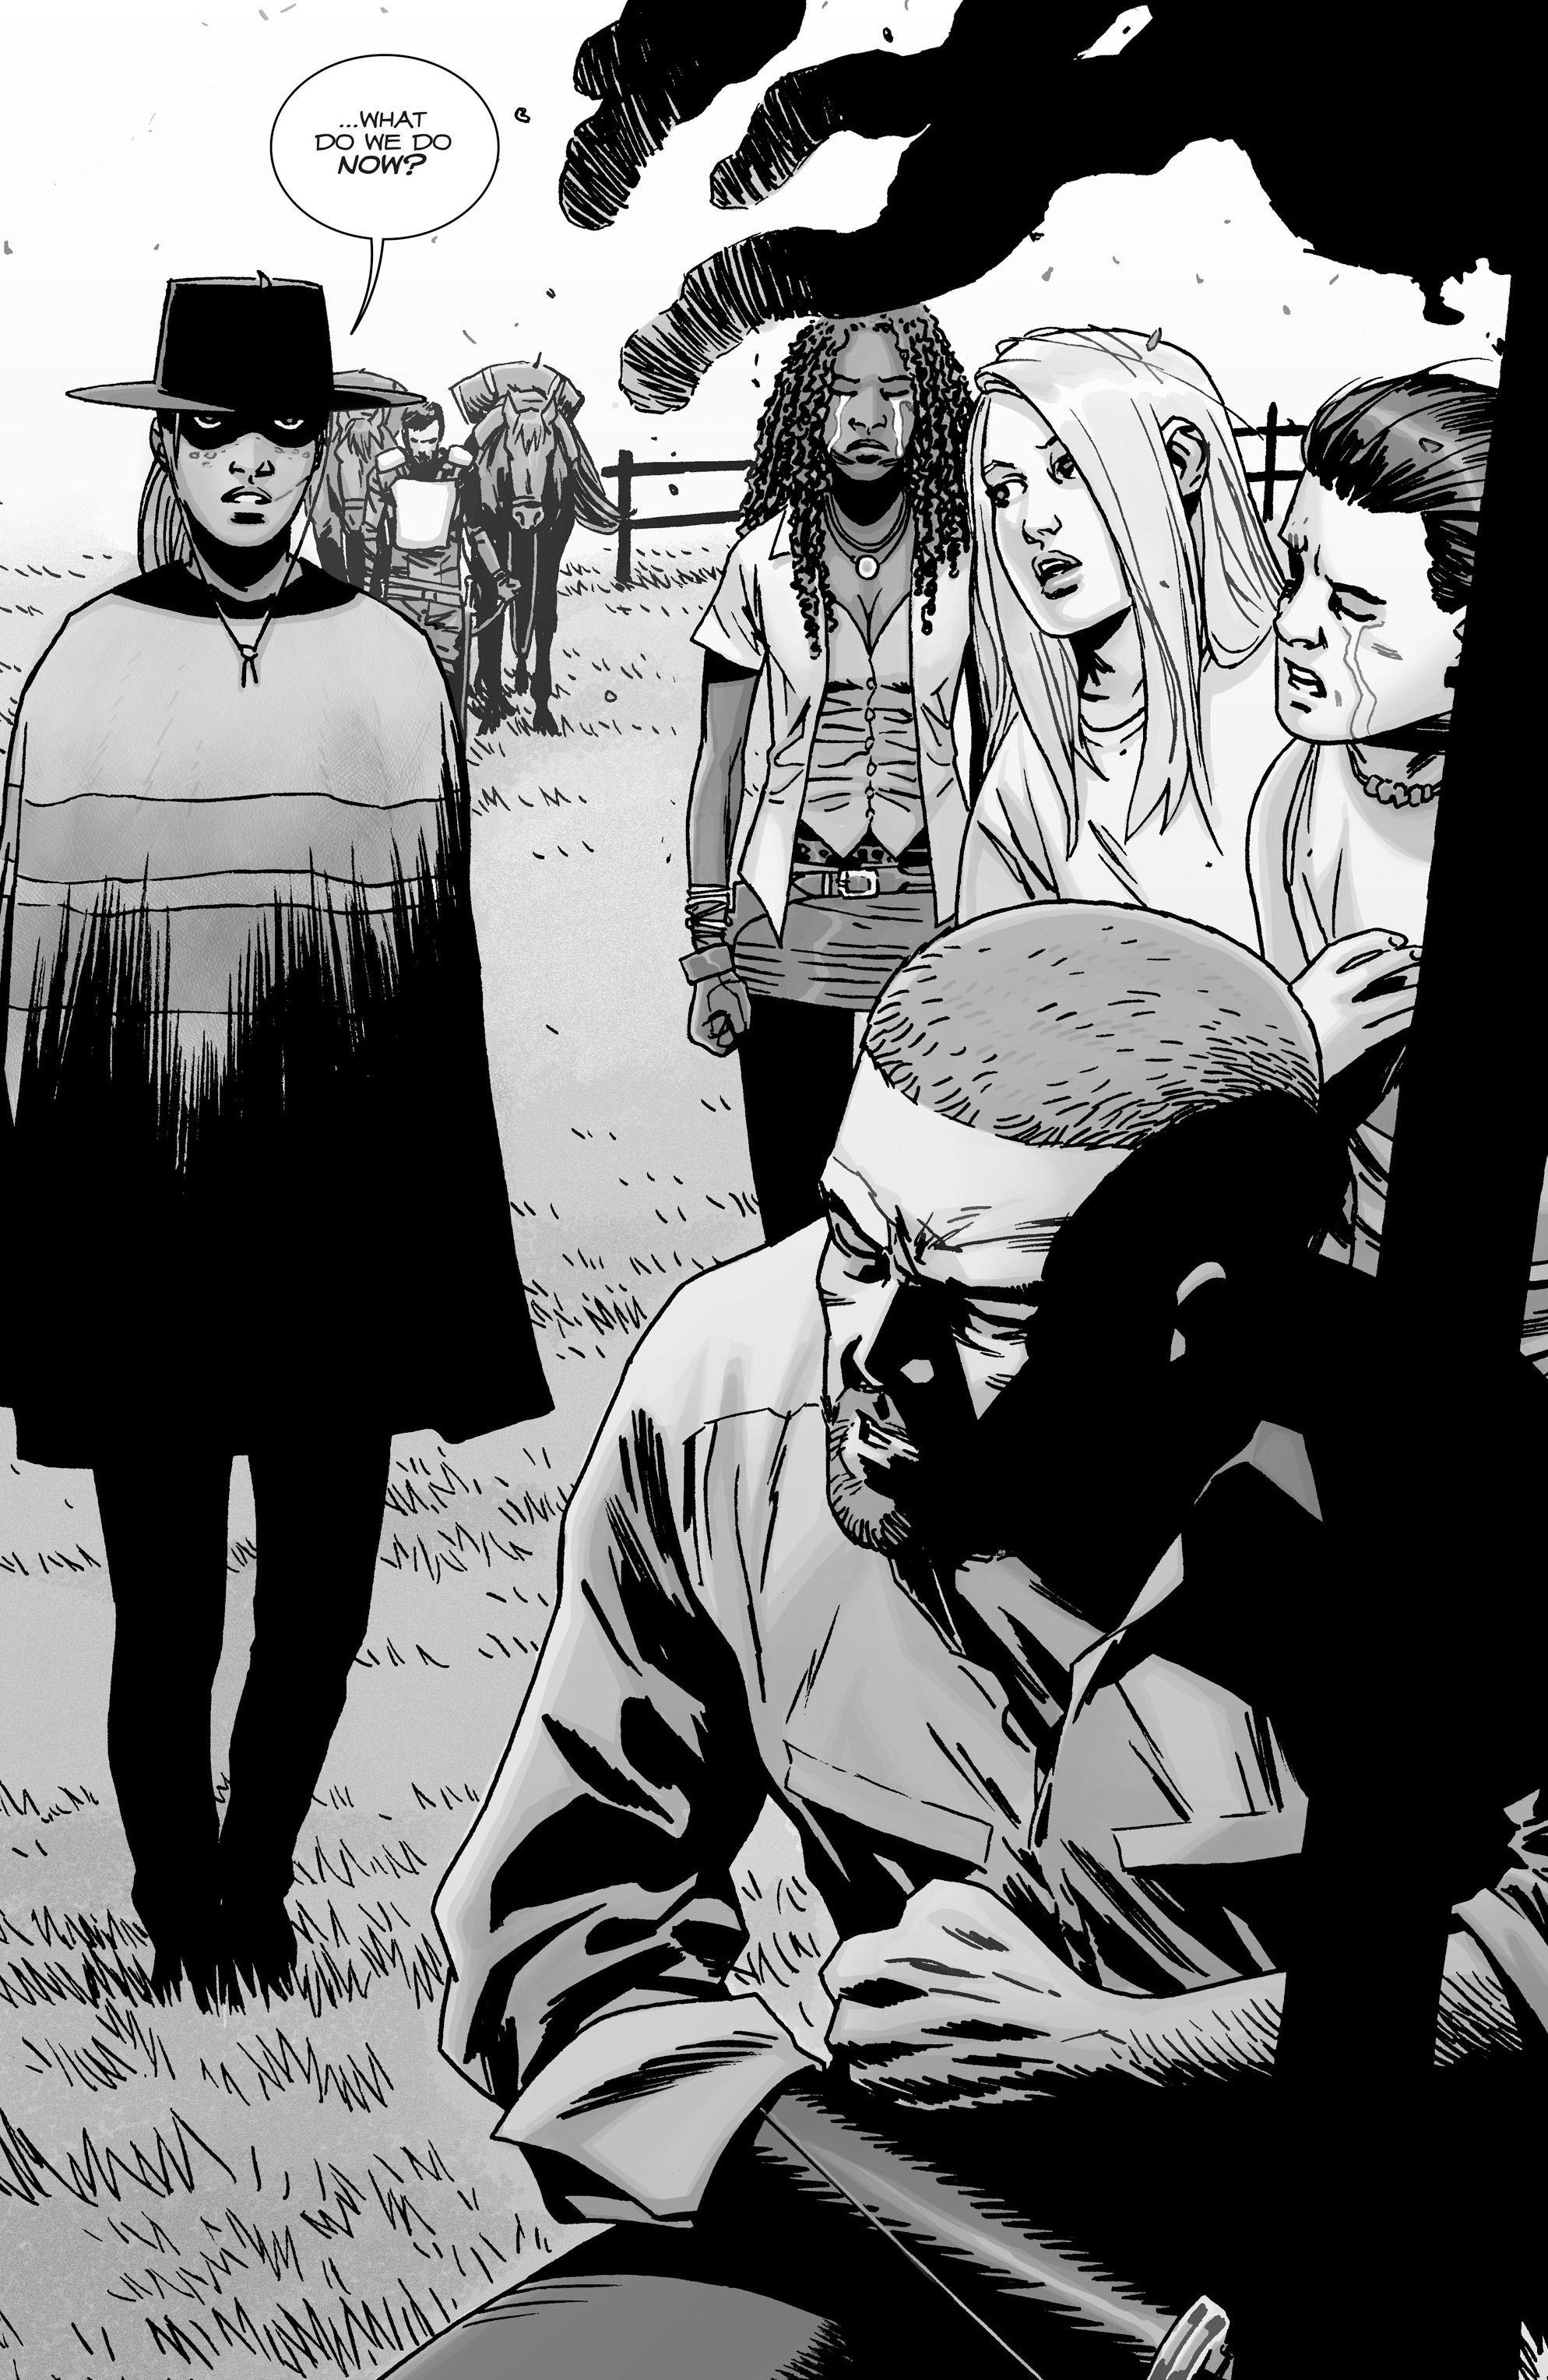 The Walking Dead Issue #144 - Read The Walking Dead Issue